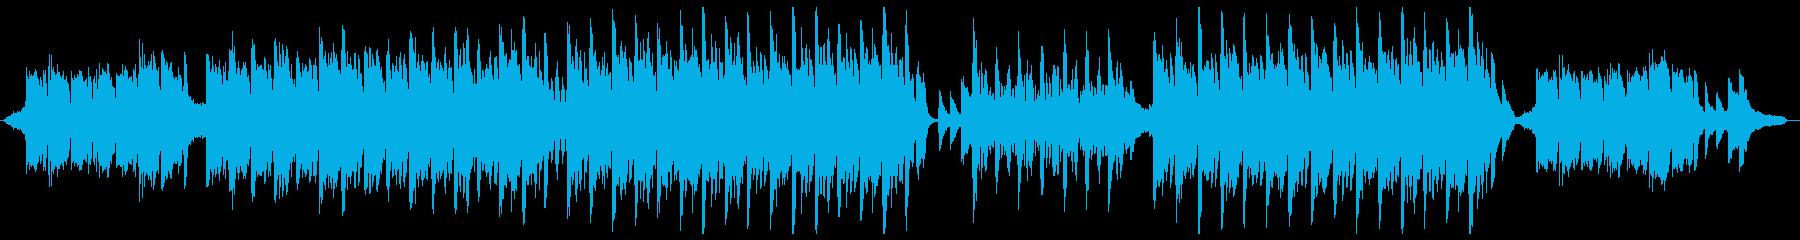 カジュアルなバイオリンポップ:Mギター抜の再生済みの波形